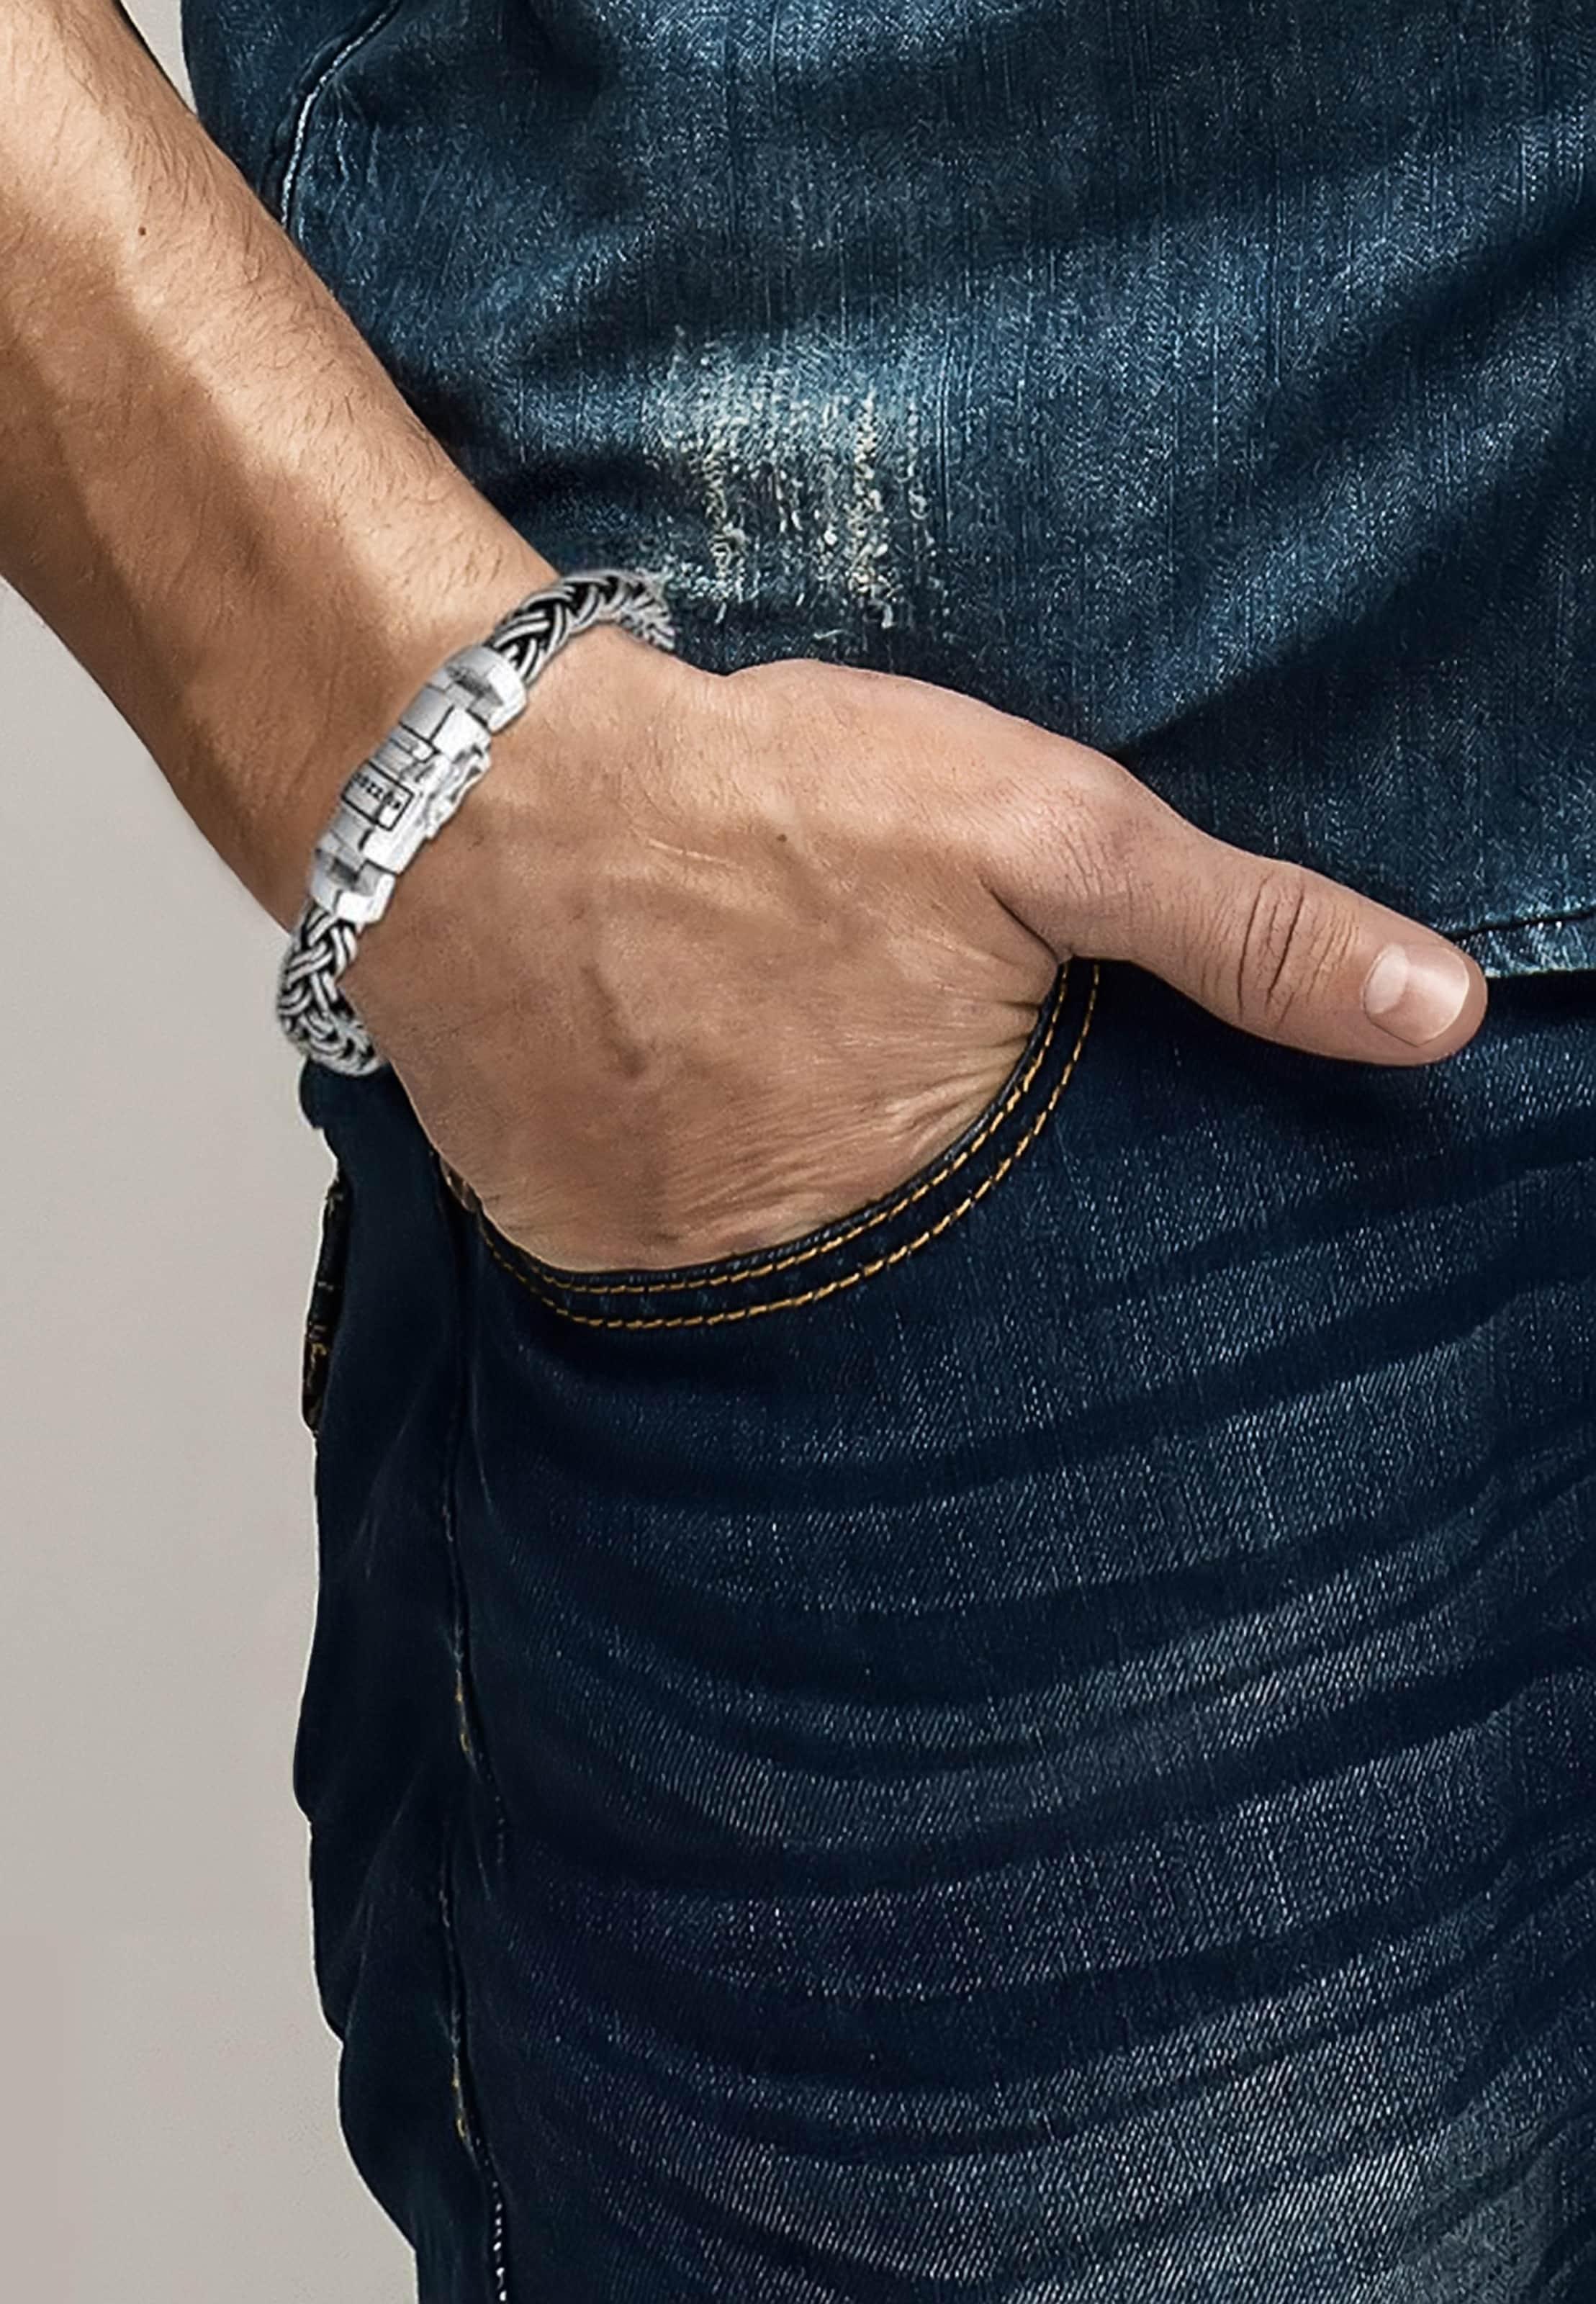 Silber Kuzzoi 'twisted' Armband Kuzzoi Armband In In 'twisted' rxedCoWB